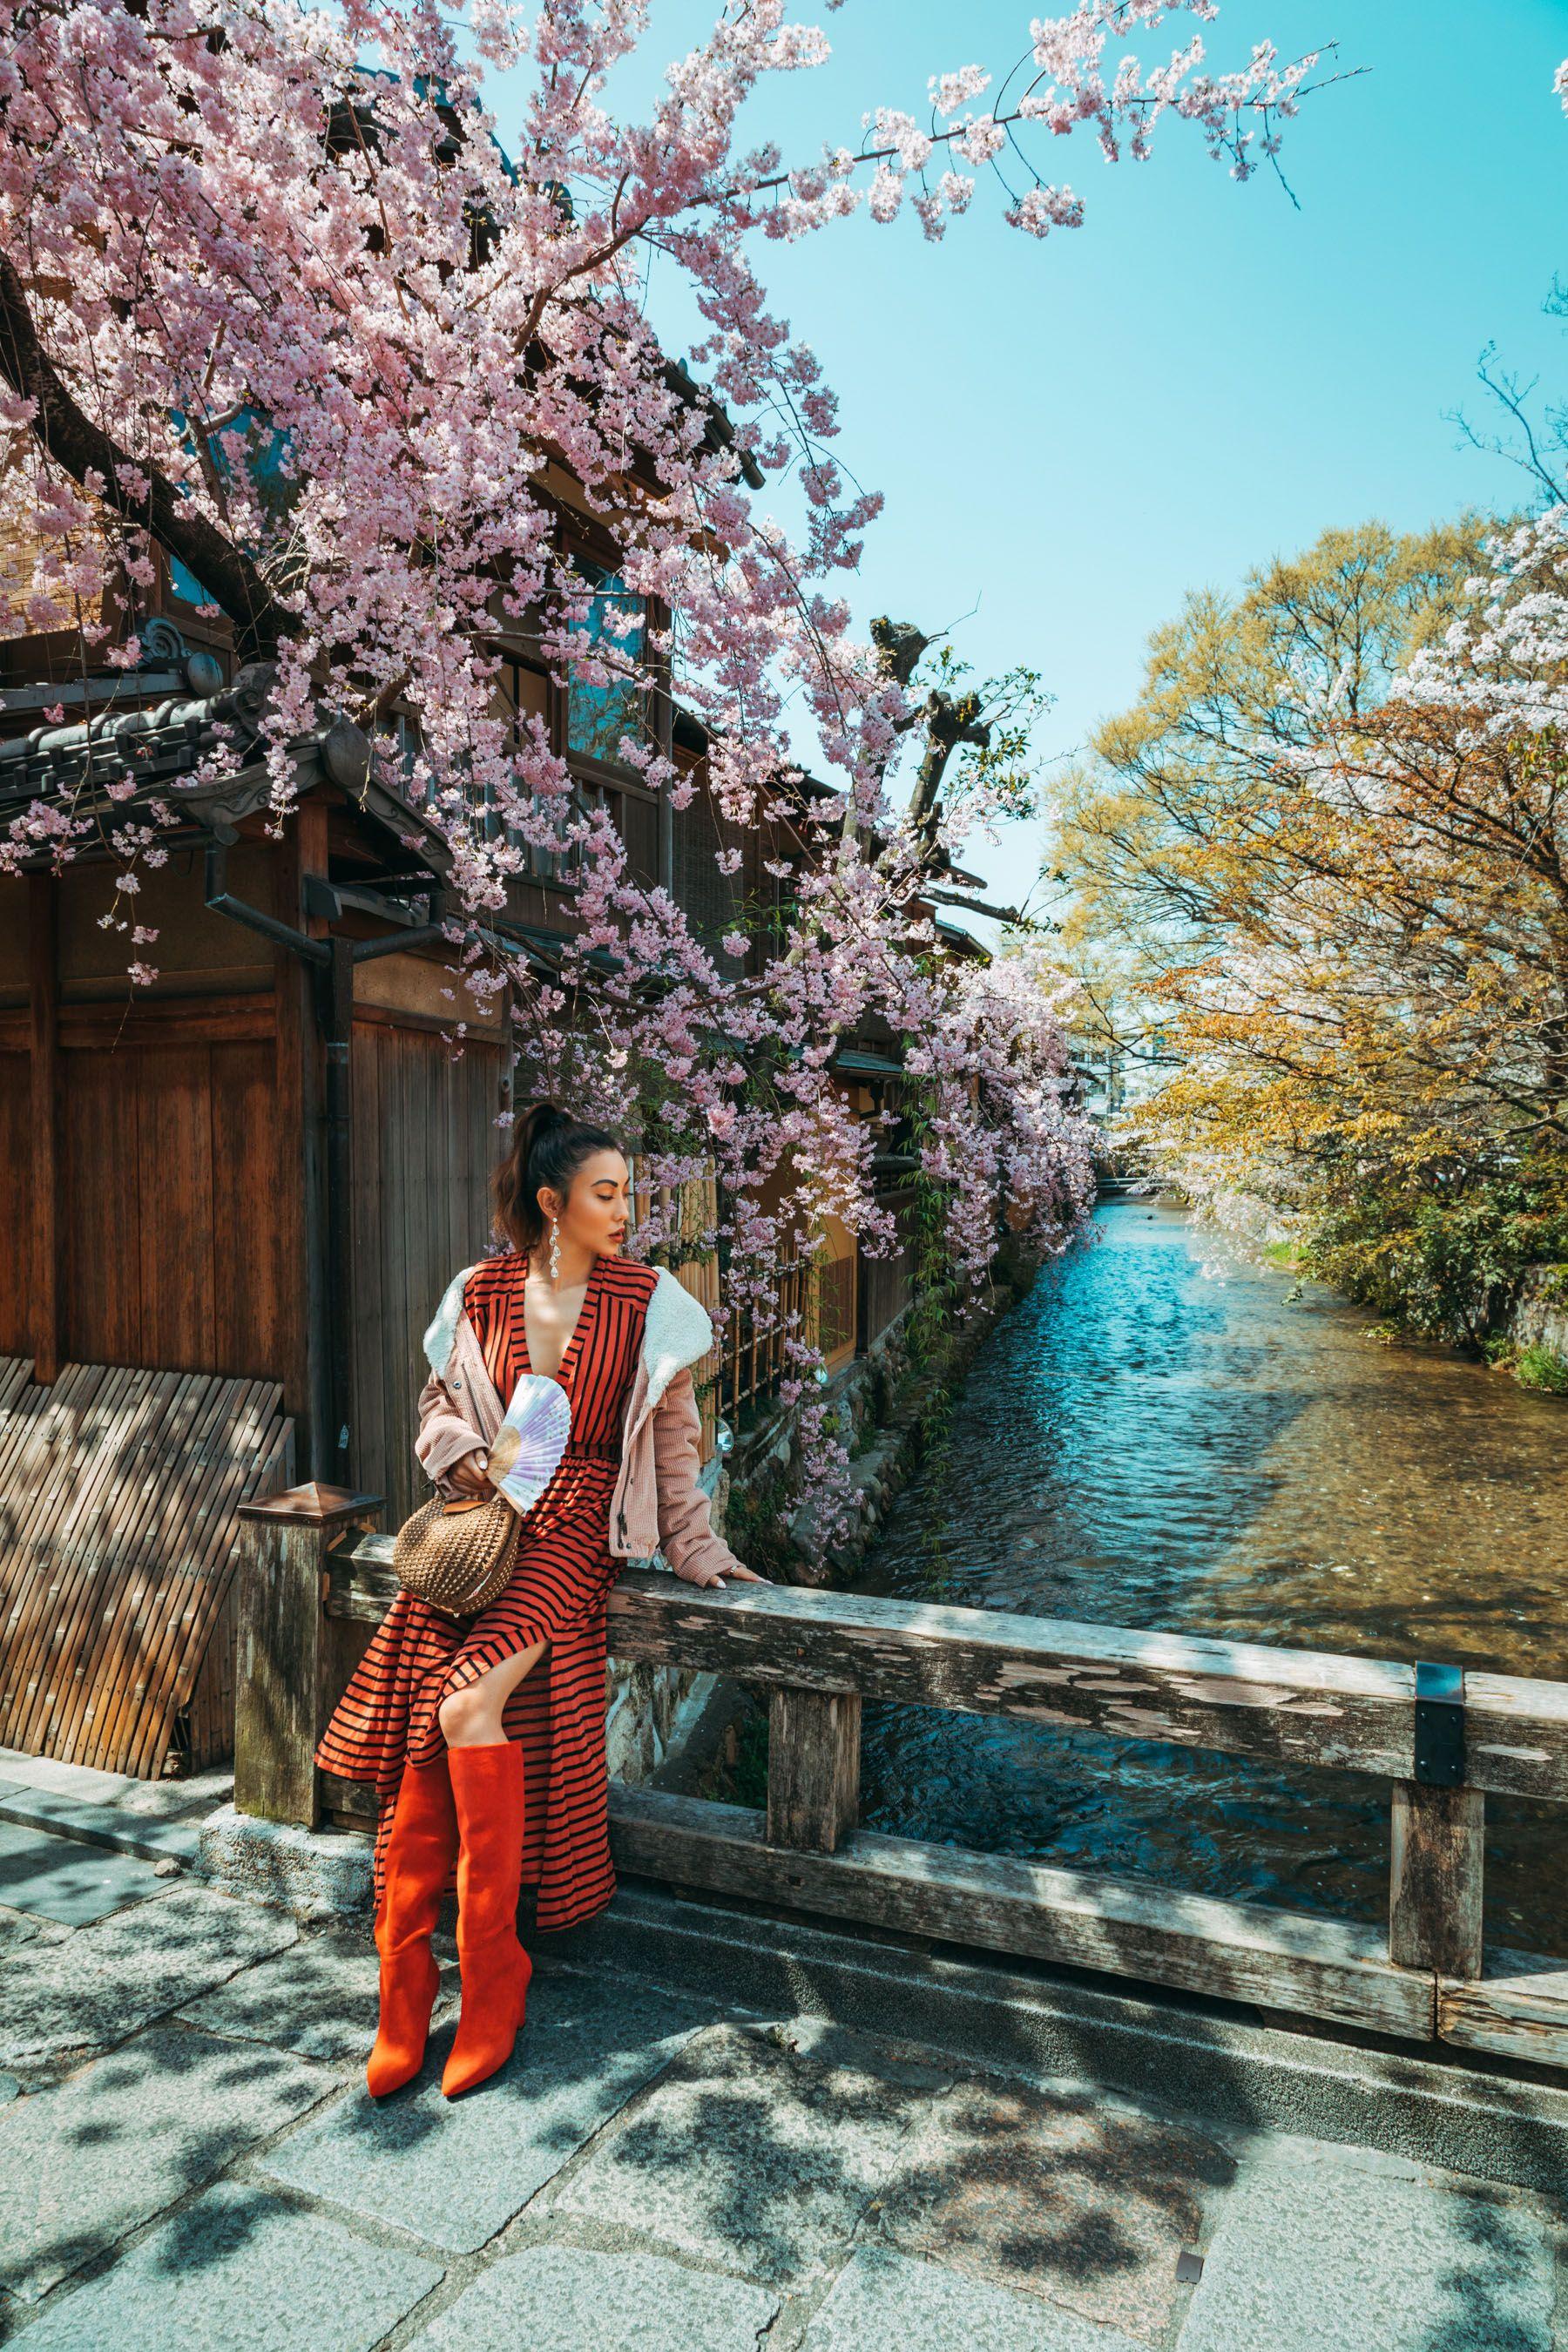 Instagrammable Spots In Japan 7 Gorgeous Spots For Cherry Blossoms In Japan Japan Outfit Cherry Blossom Outfit Cherry Blossom Japan